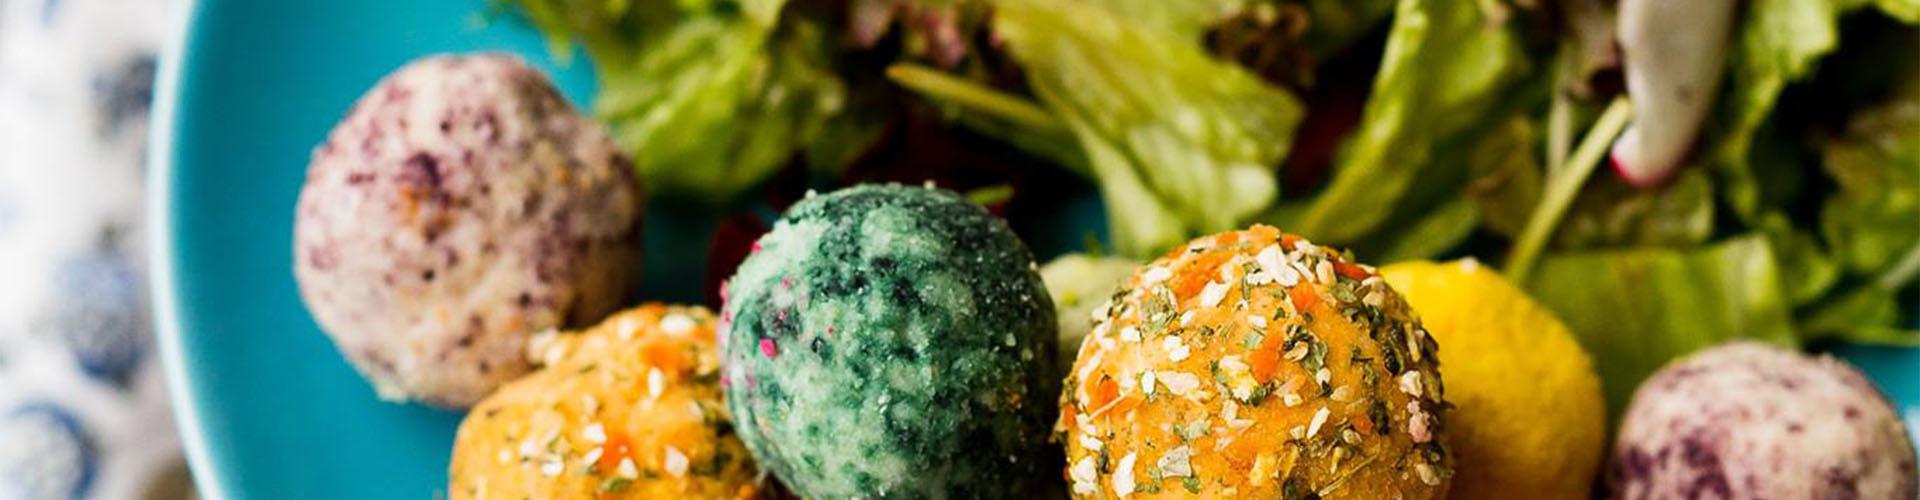 Fehér Oroszlán Életmód Program, növényi étrend, vegán, egészség, életmód, gyógyulás, gyógyítás